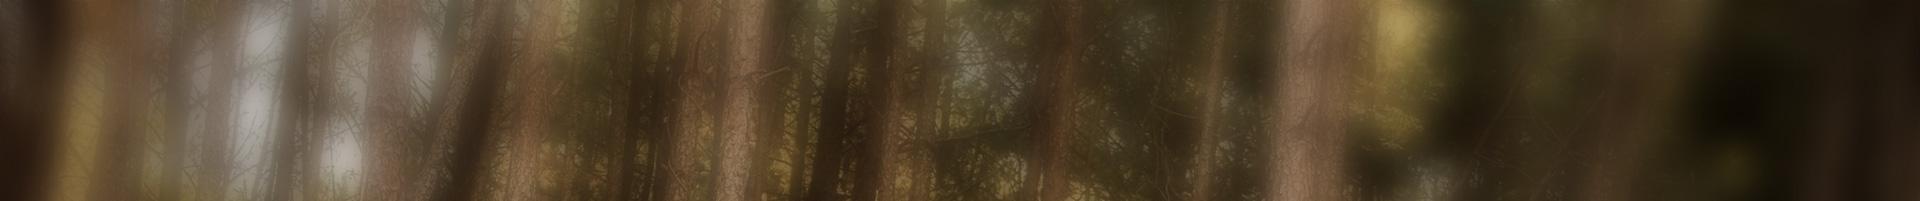 Matériel forestier Gironde, Matériel forestier Haut des landes, Mécanique forestière Gironde, Mécanique forestière Haut des landes, Pièce détachée forestière Gironde, Pièce détachée forestière Haut des landes, Réparation et maintenance Gironde, Réparation et maintenance Haut des landes, Vente de matériel forestier